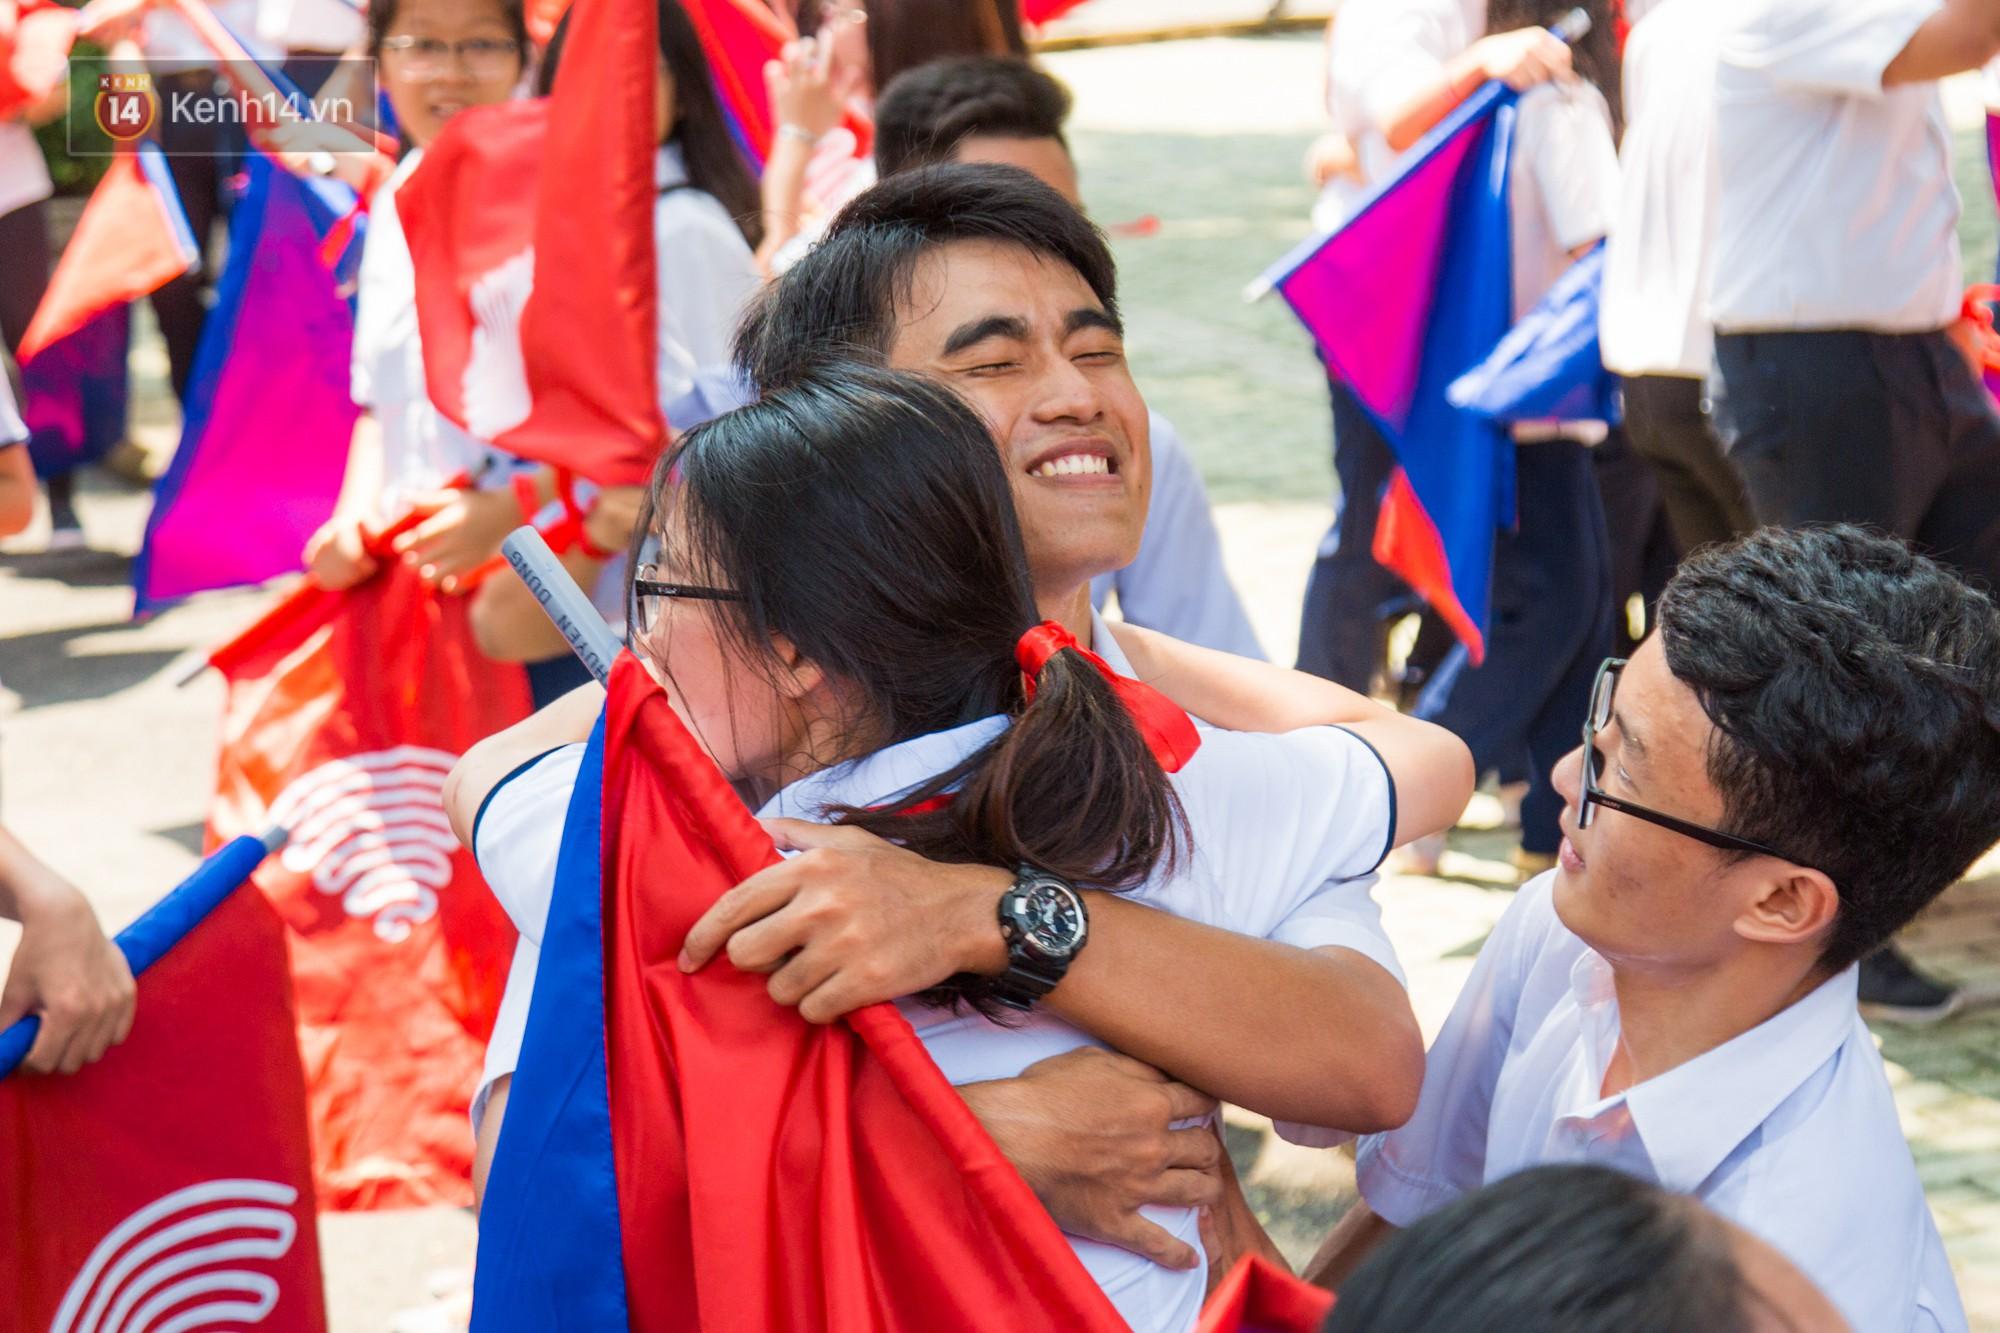 Ngày ra trường của teen Lê Hồng Phong: Nụ cười và nước mắt, bạn tôi ơi xin bên nhau thêm chút nữa!-15